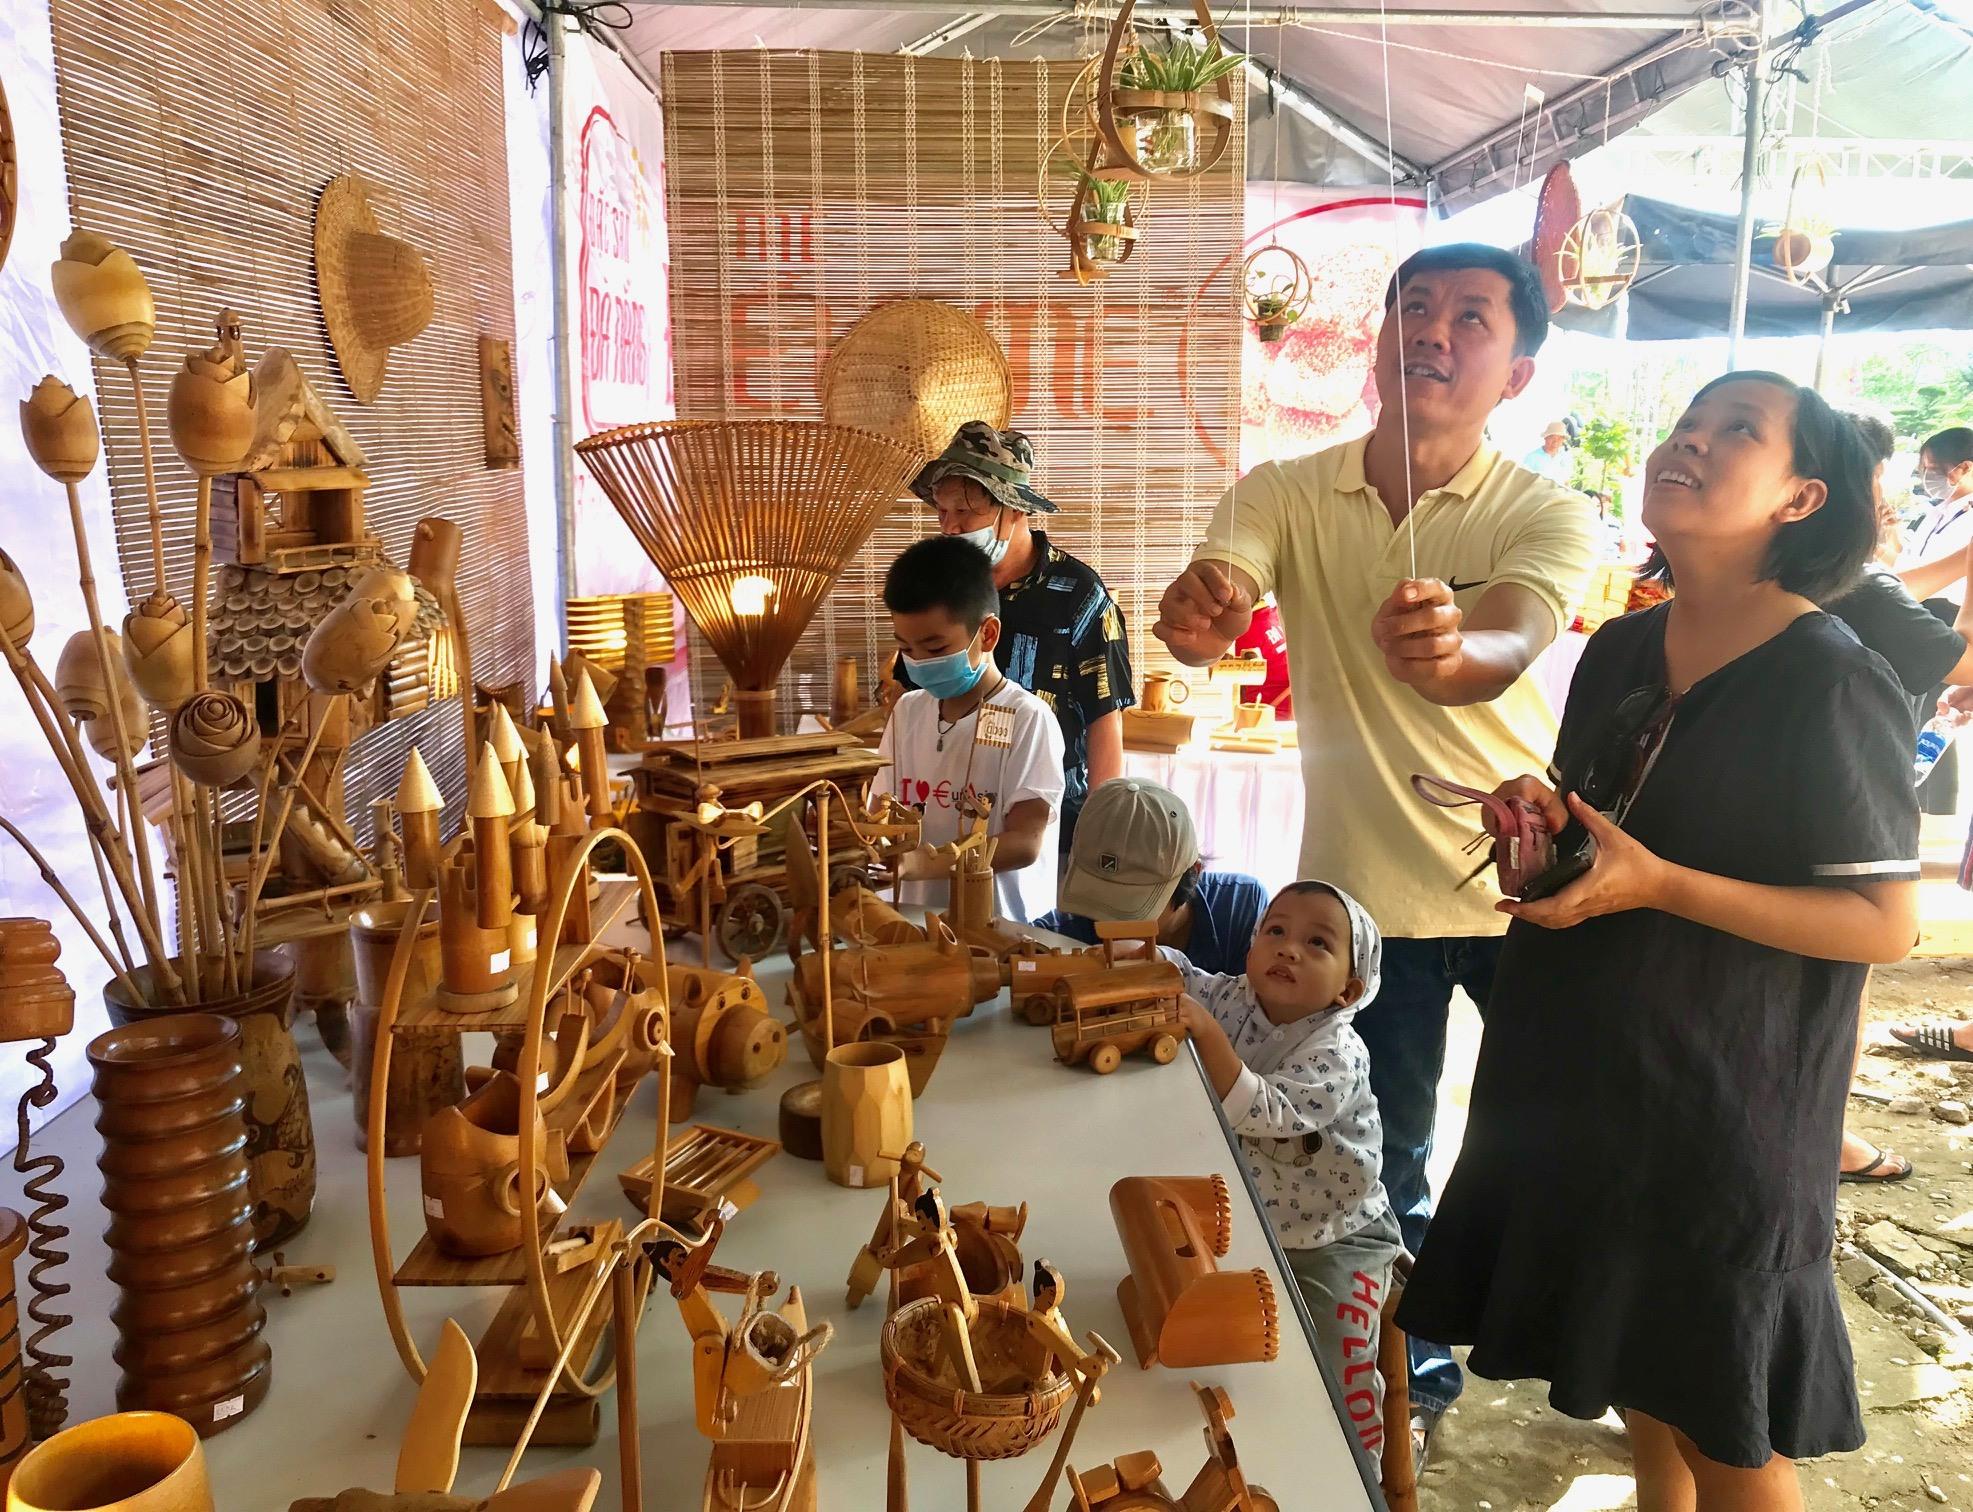 Gian hàng sản phẩm tre đến từ Cẩm Thanh, Hội An thu hút khách tham quan. Ảnh: Q.T